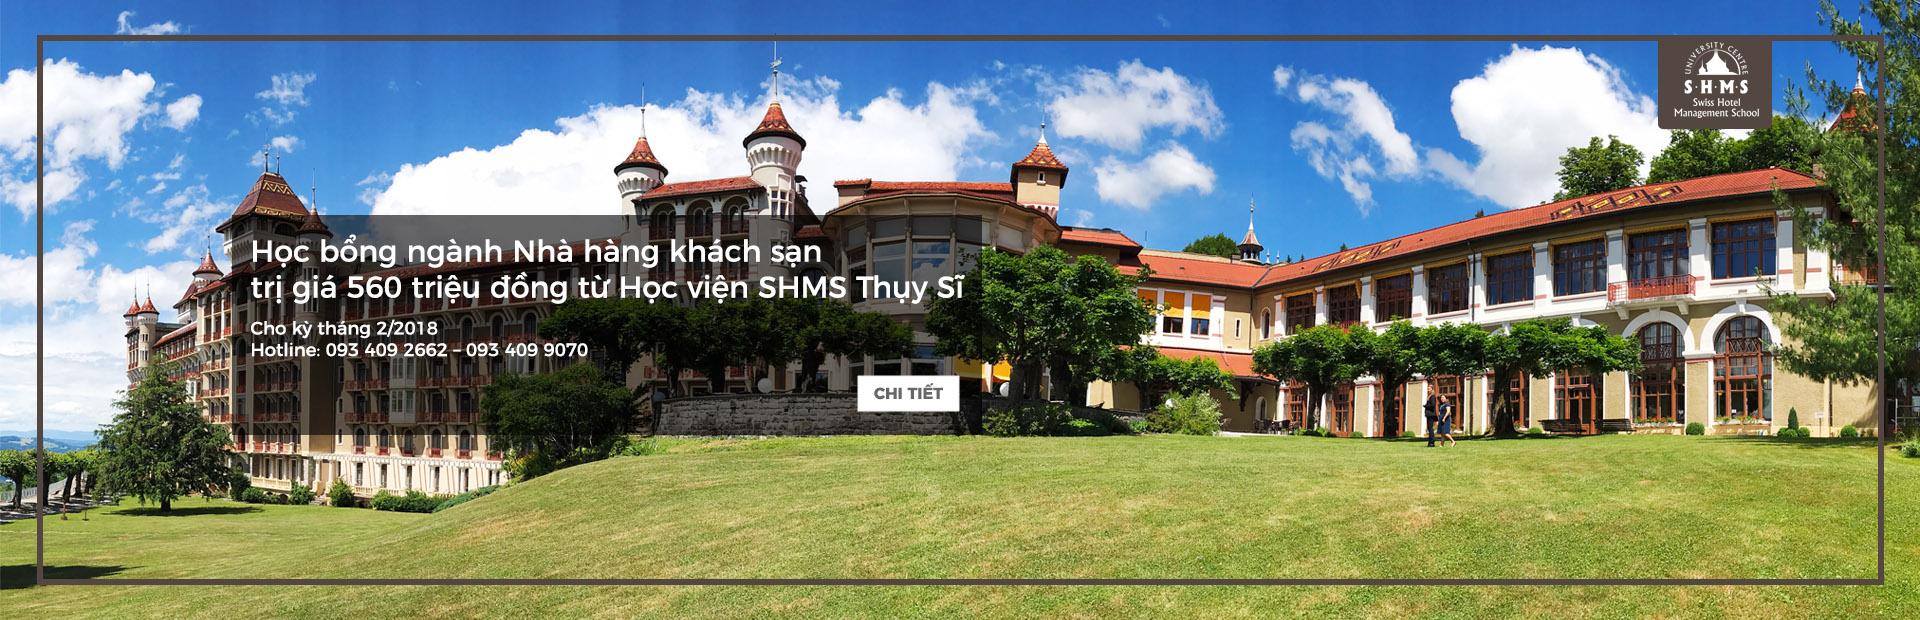 SHMS 1